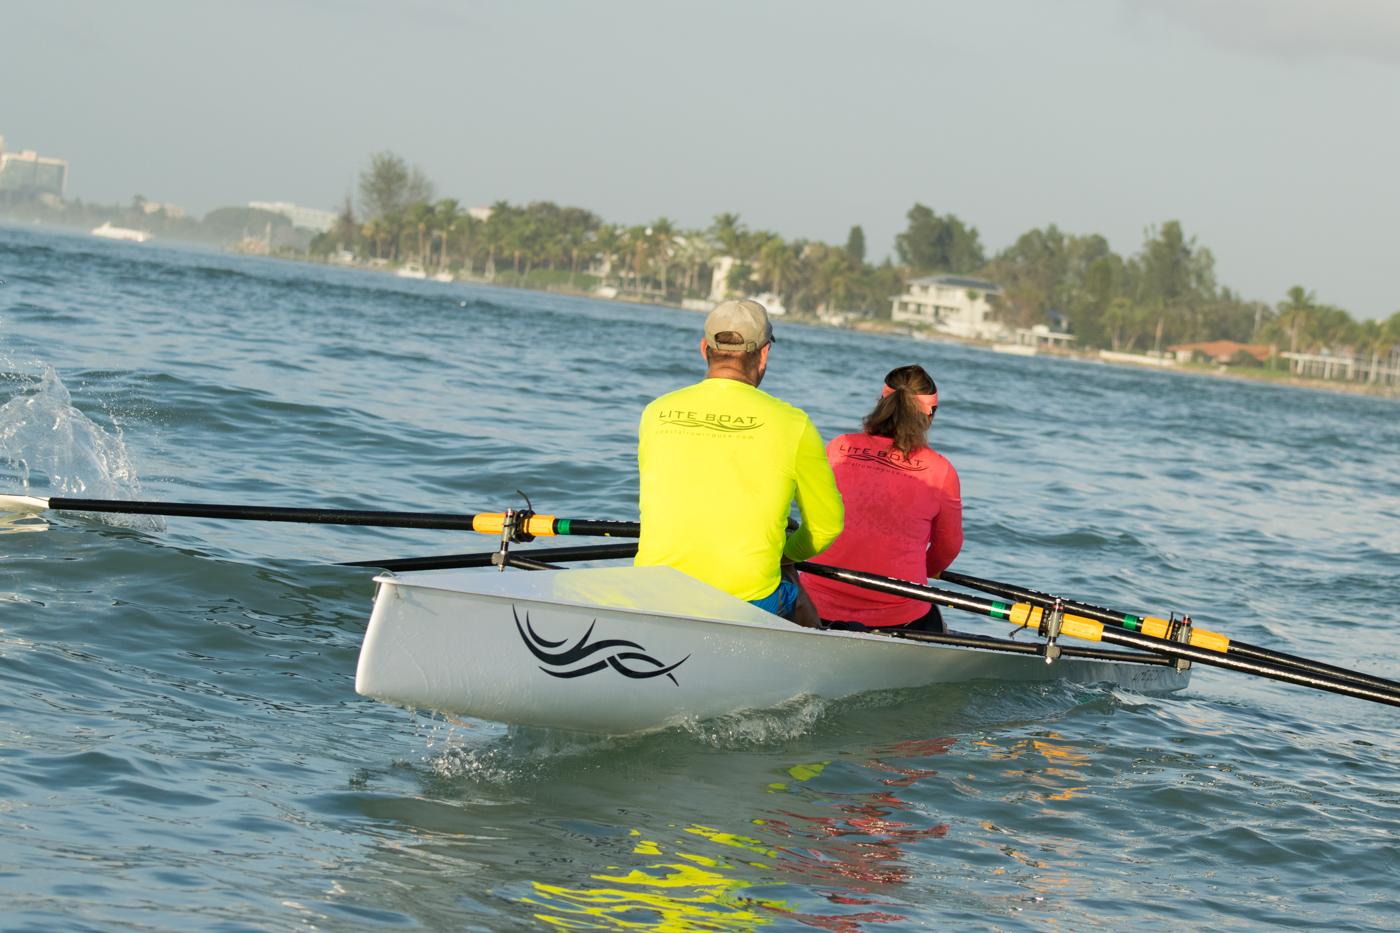 rowing_example_04-5.jpg